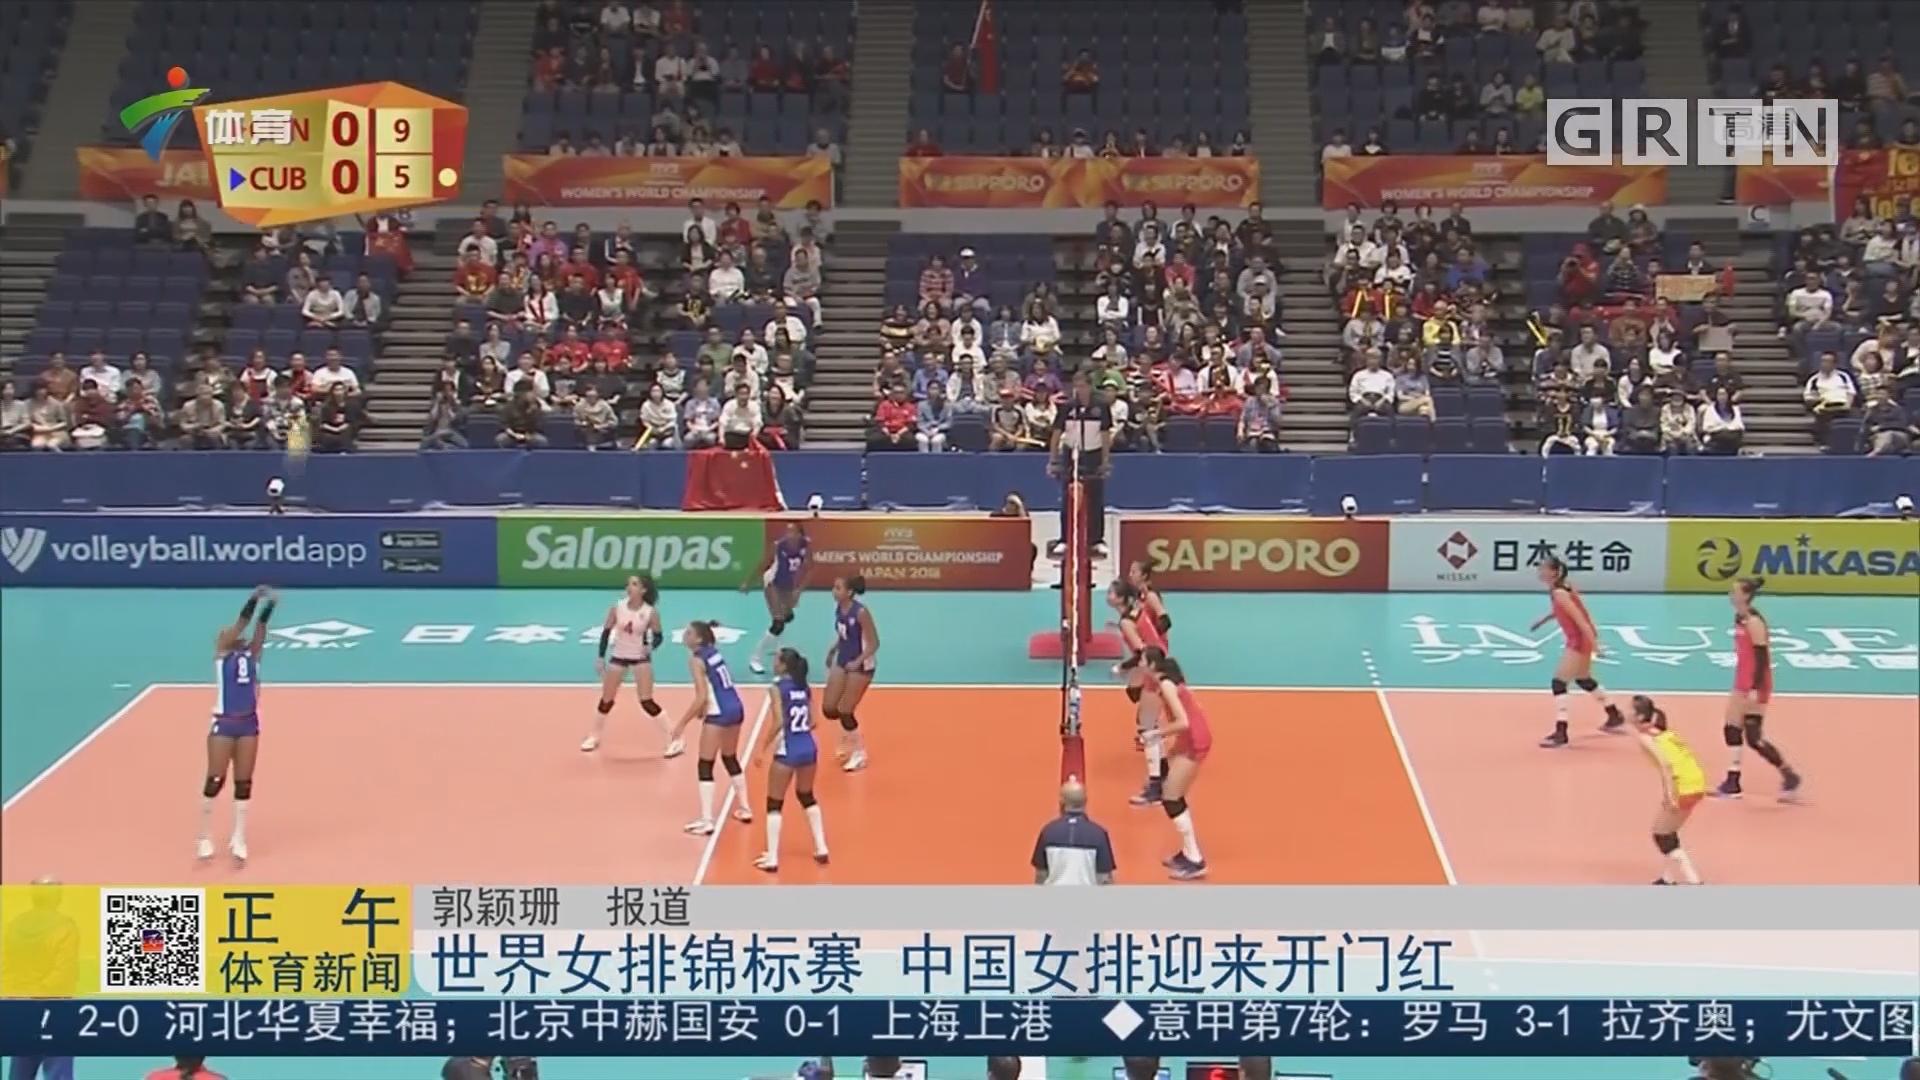 世界女排锦标赛 中国女排迎来开门红